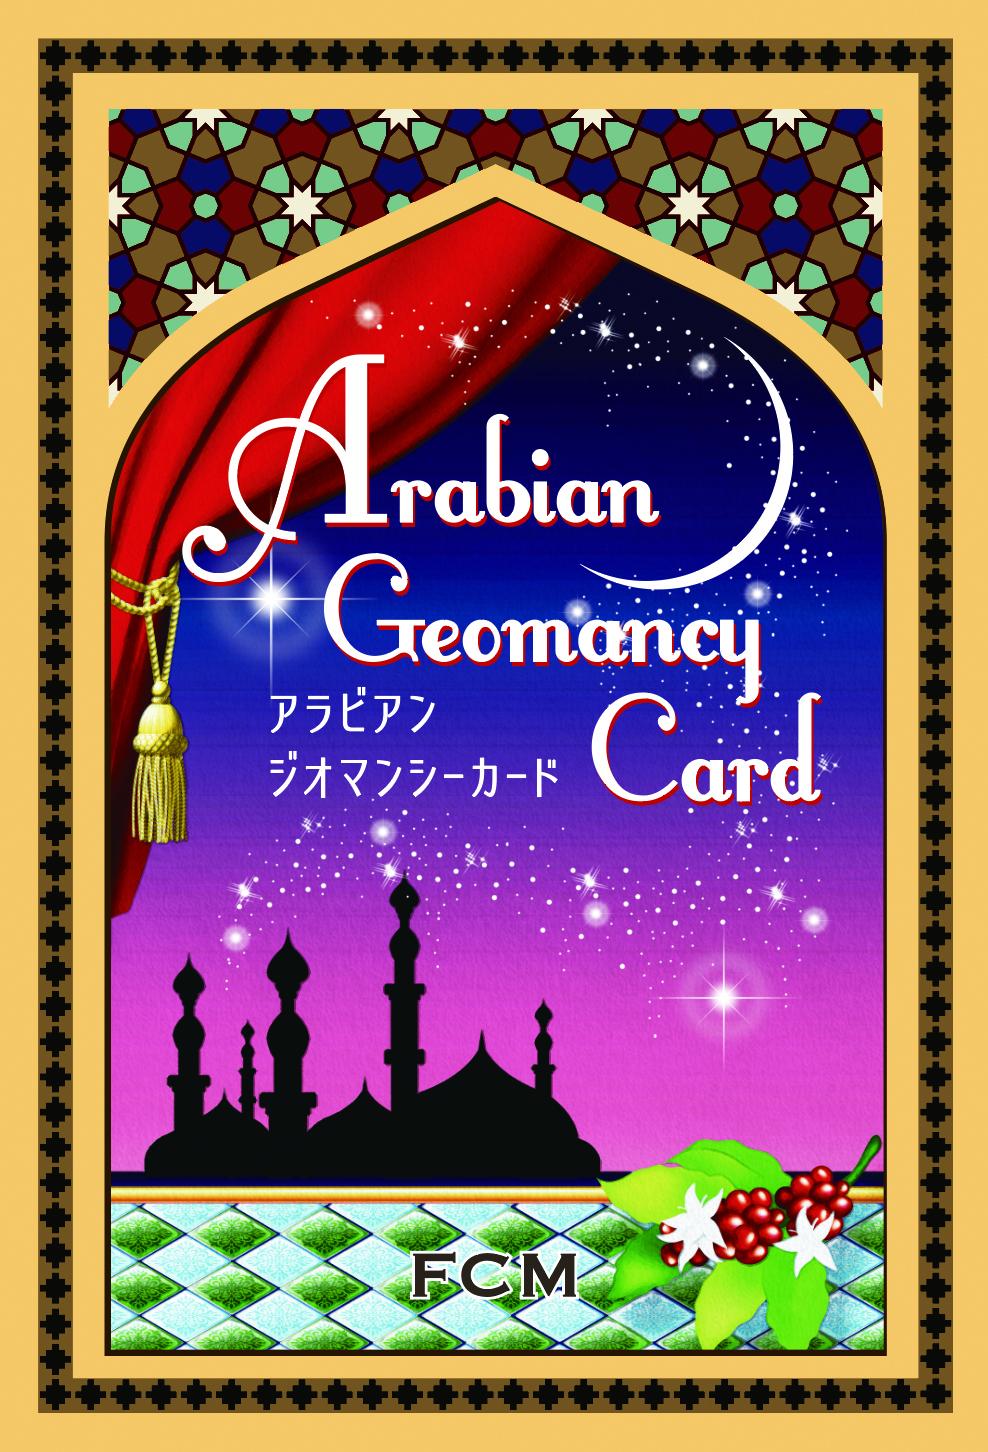 【カード】アラビアン ジオマンシー カード